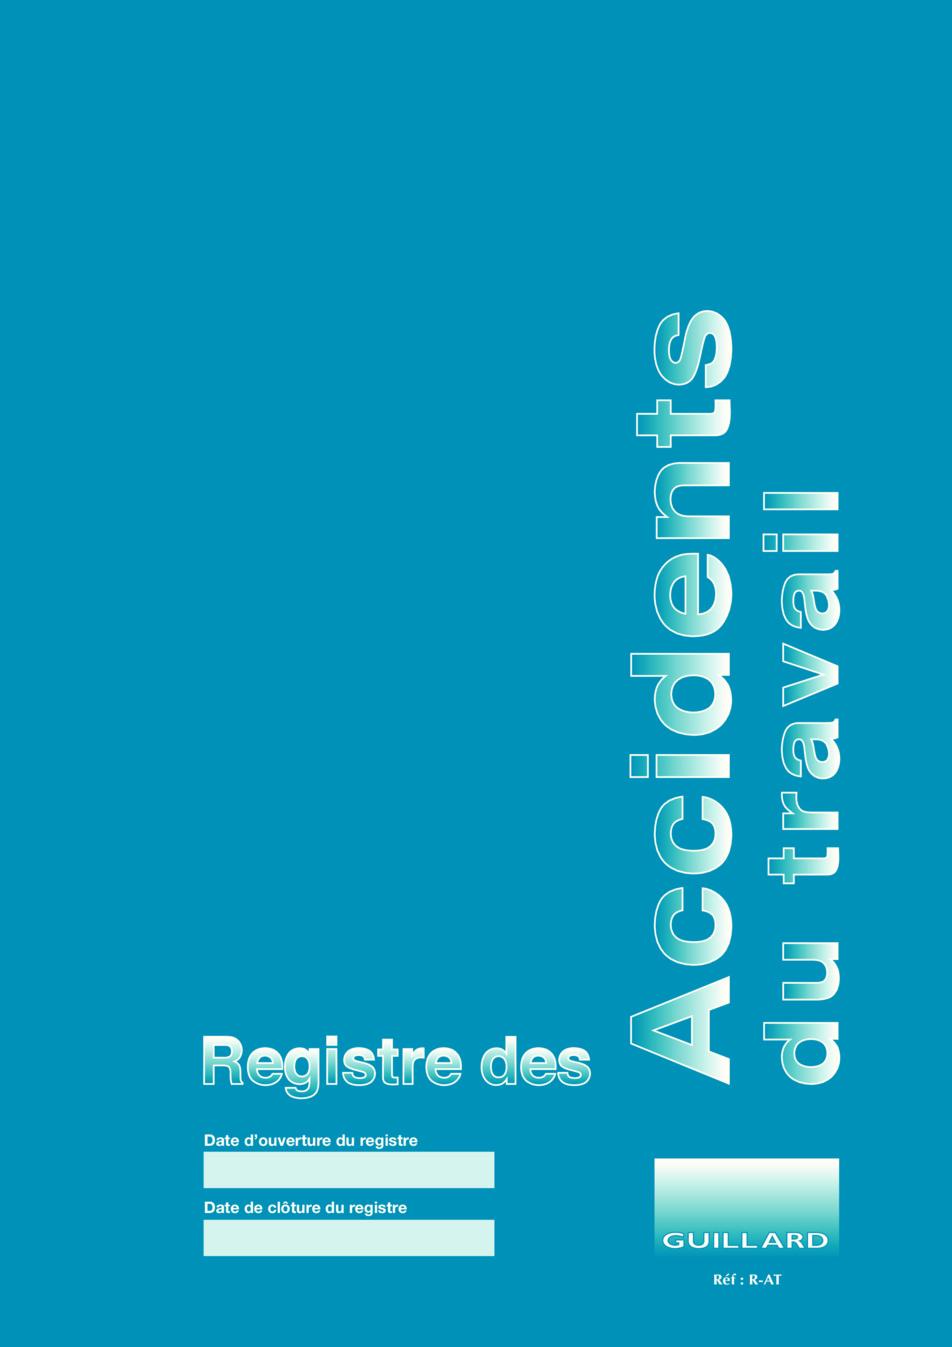 Registre des accidents du travail   Source : www.guillard ...